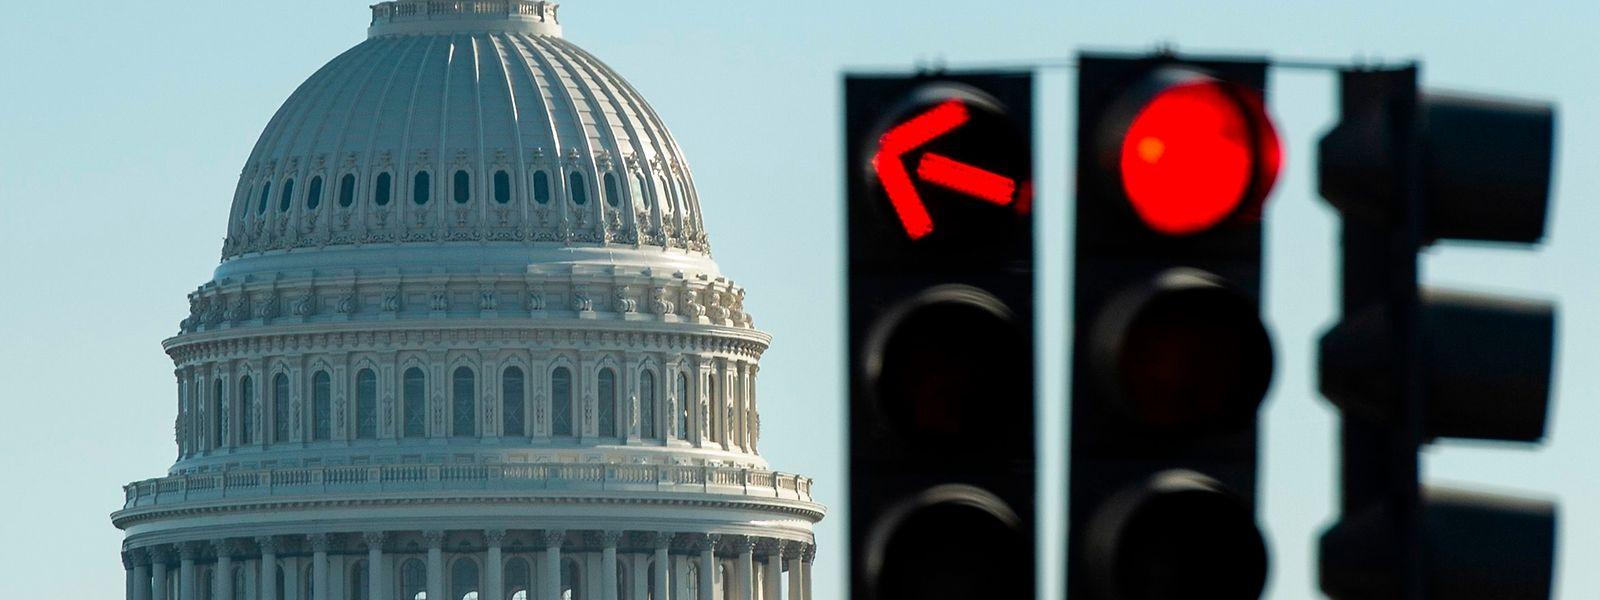 Le 25 janvier, les Etats Unis en étaient à leur cinquième semaine de shutdown, le plus long de l'histoire du pays.